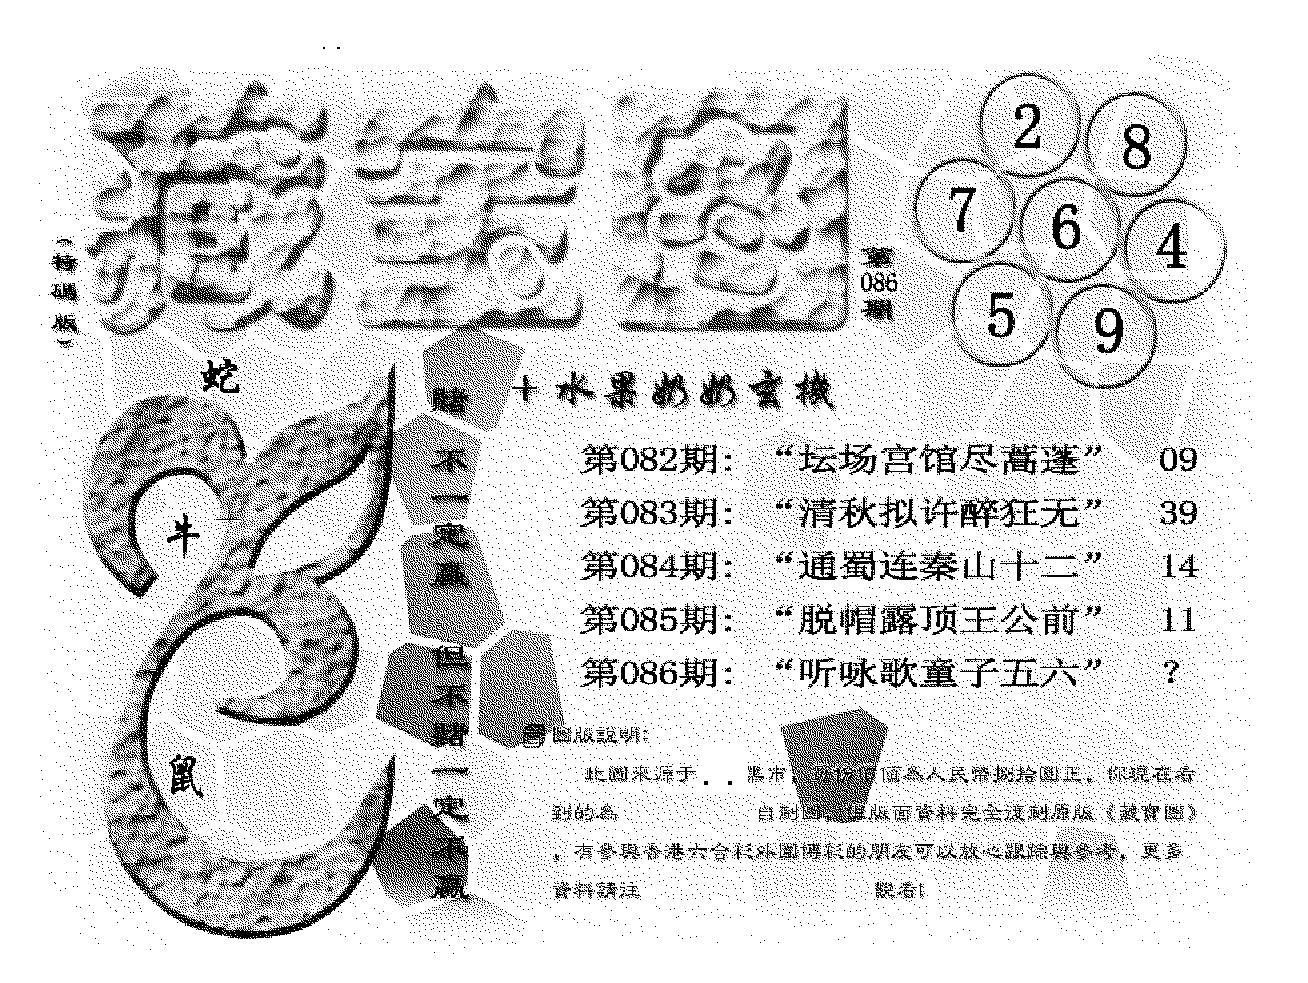 086期(九龙藏宝图)正版(黑白)